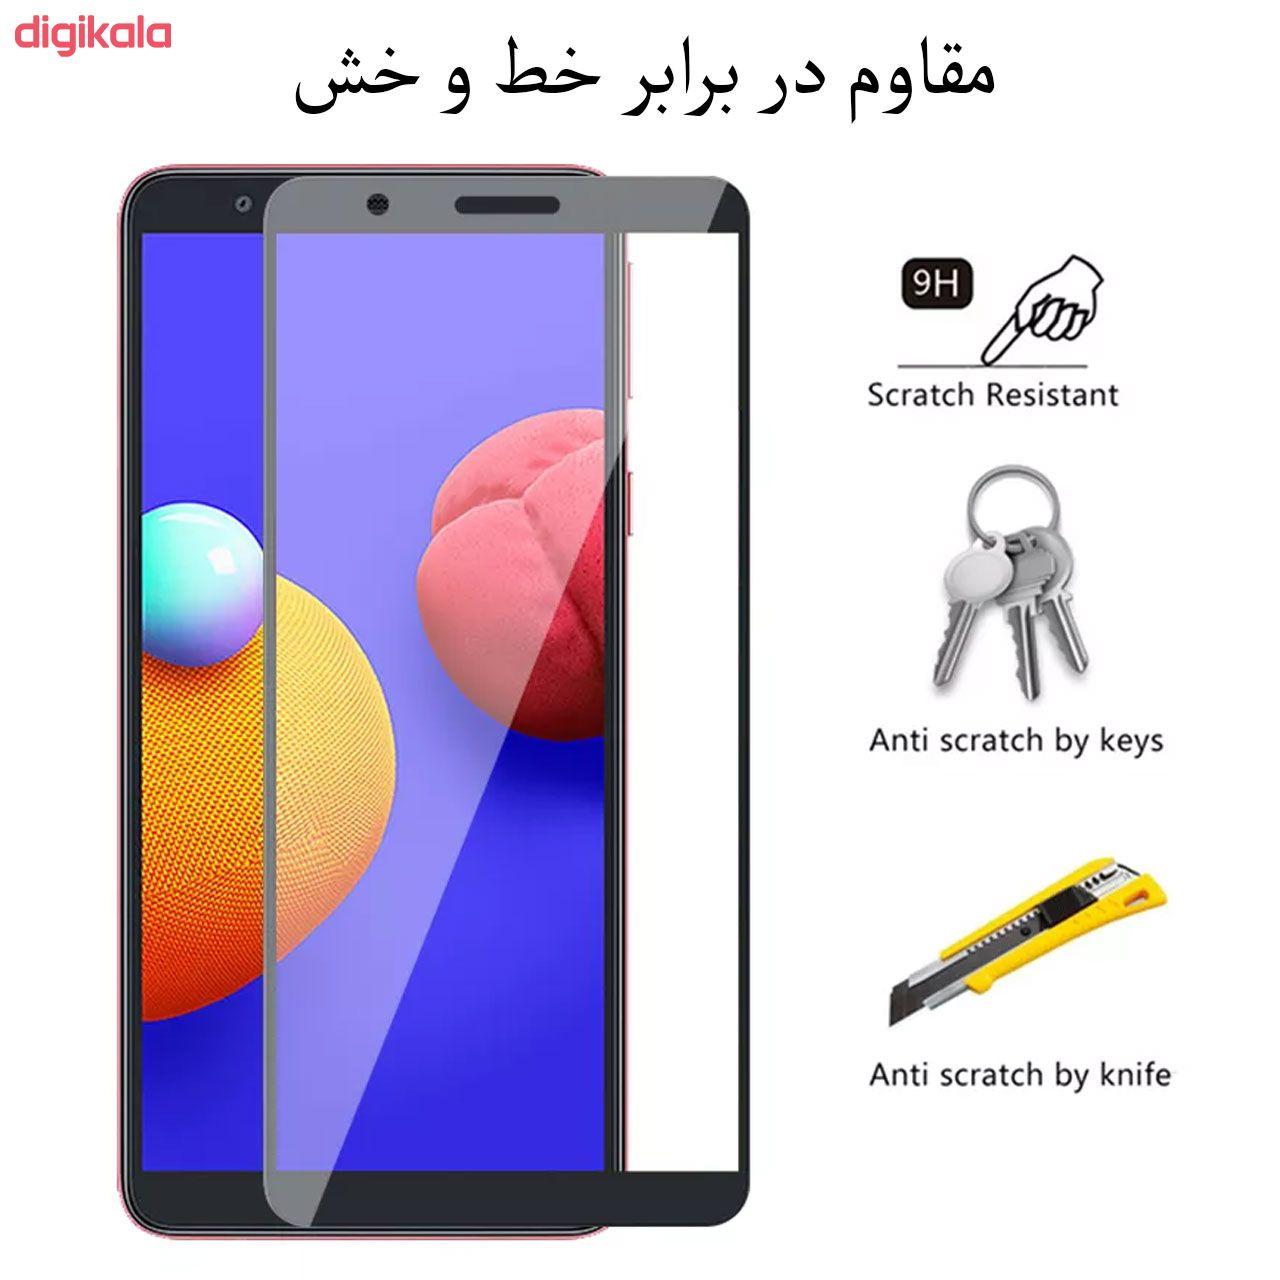 محافظ صفحه نمایش مدل FCG مناسب برای گوشی موبایل سامسونگ Galaxy A01 Core main 1 2